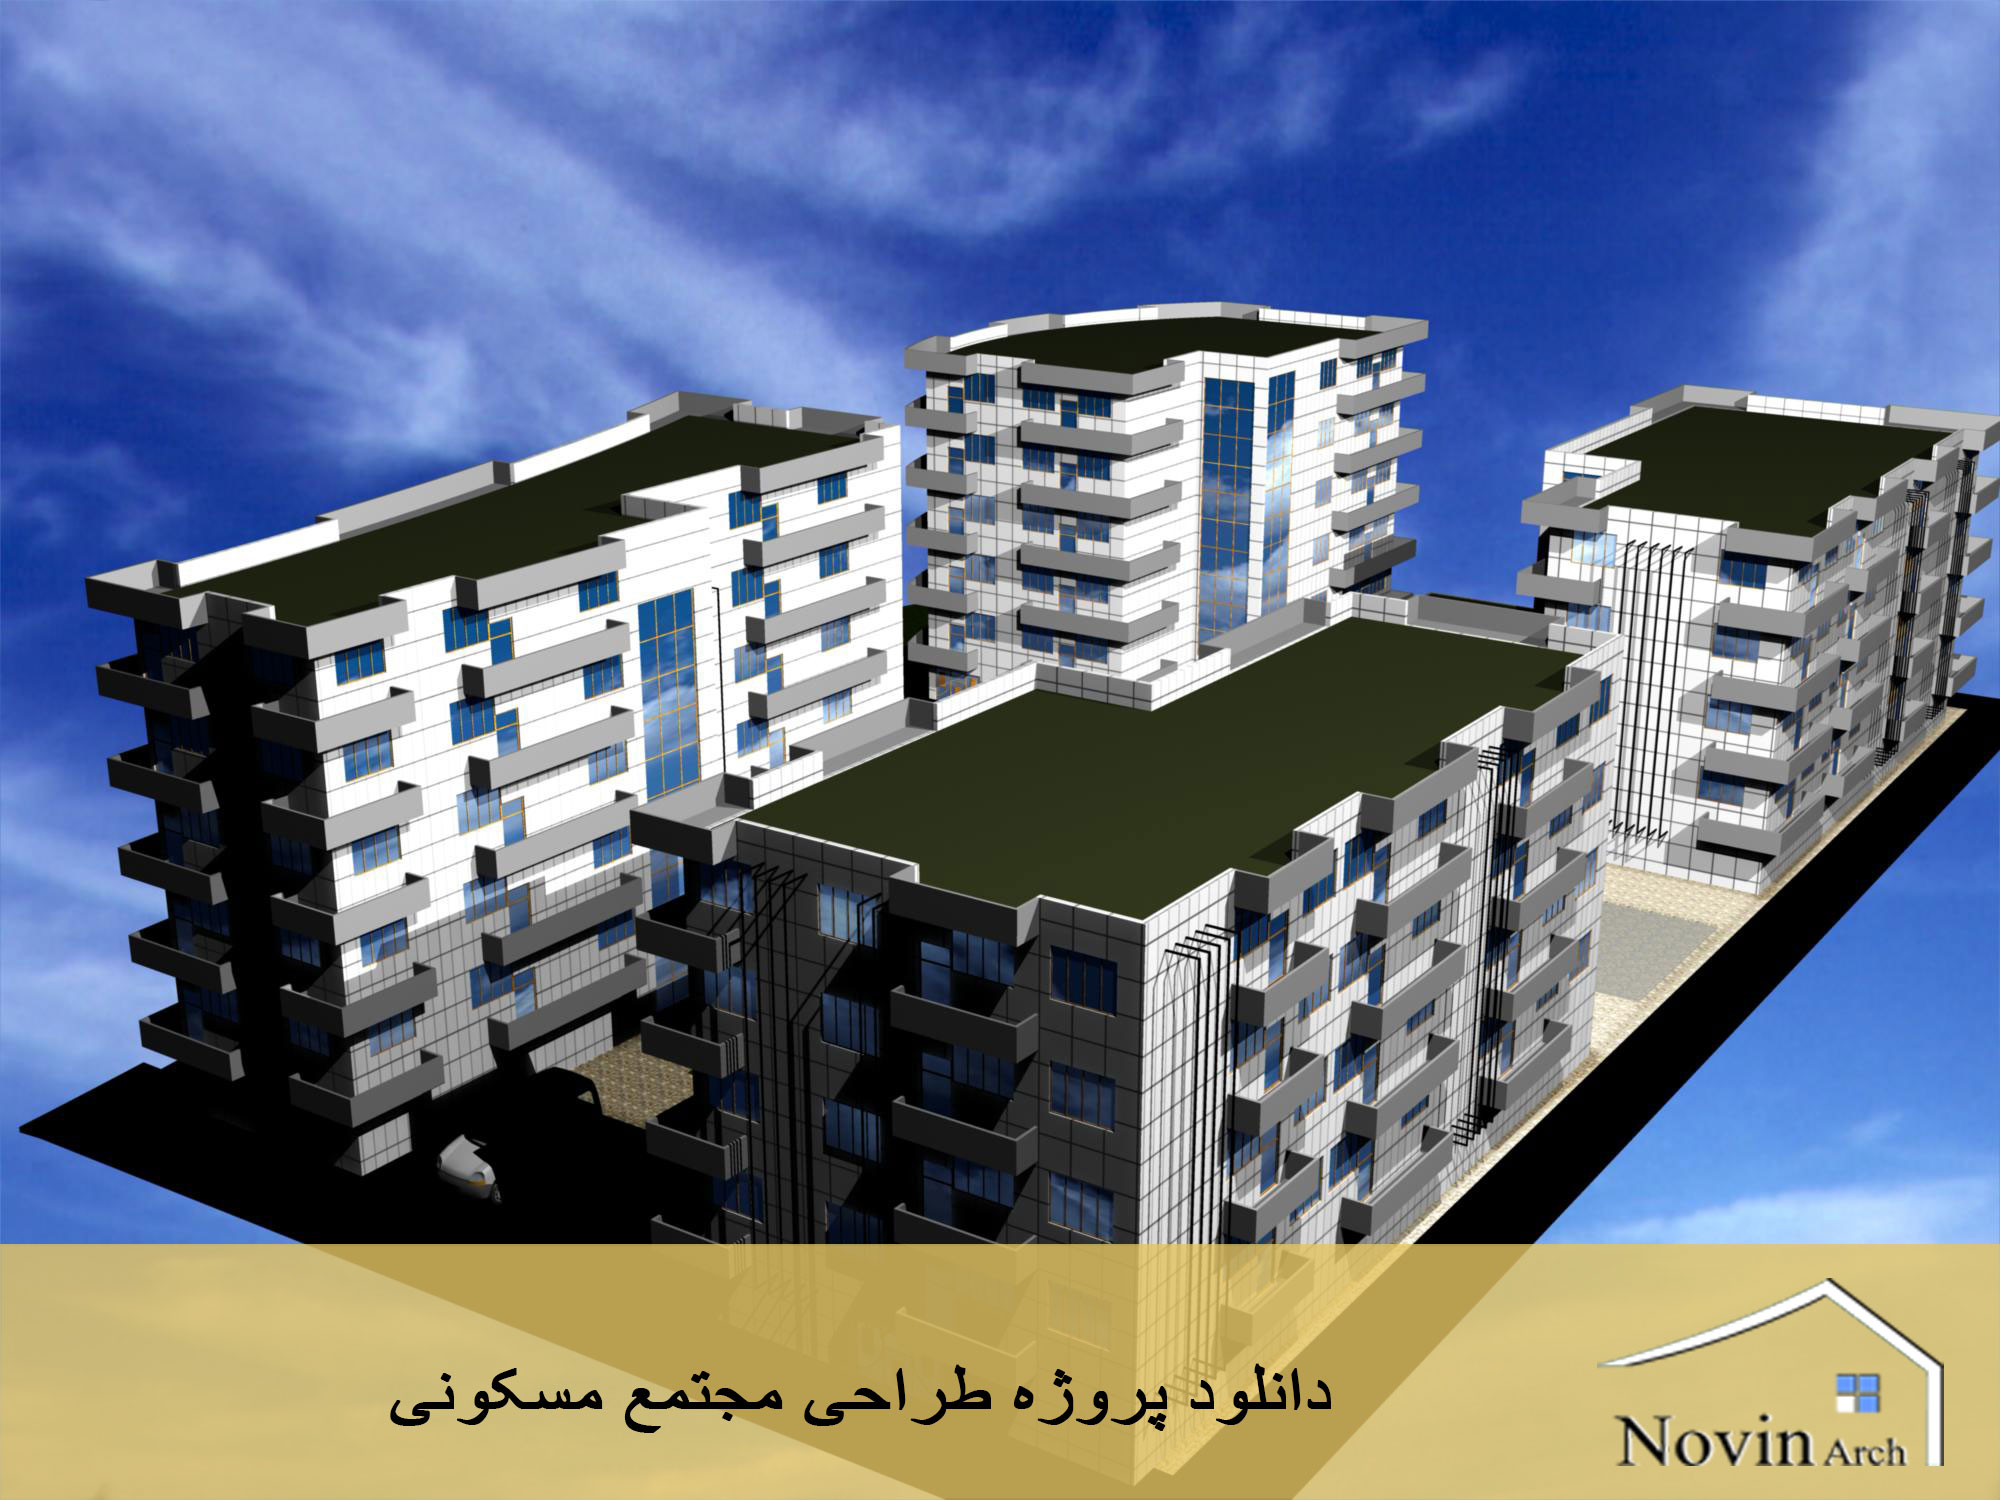 پروژه طراحی مجتمع مسکونی 4 بلوک